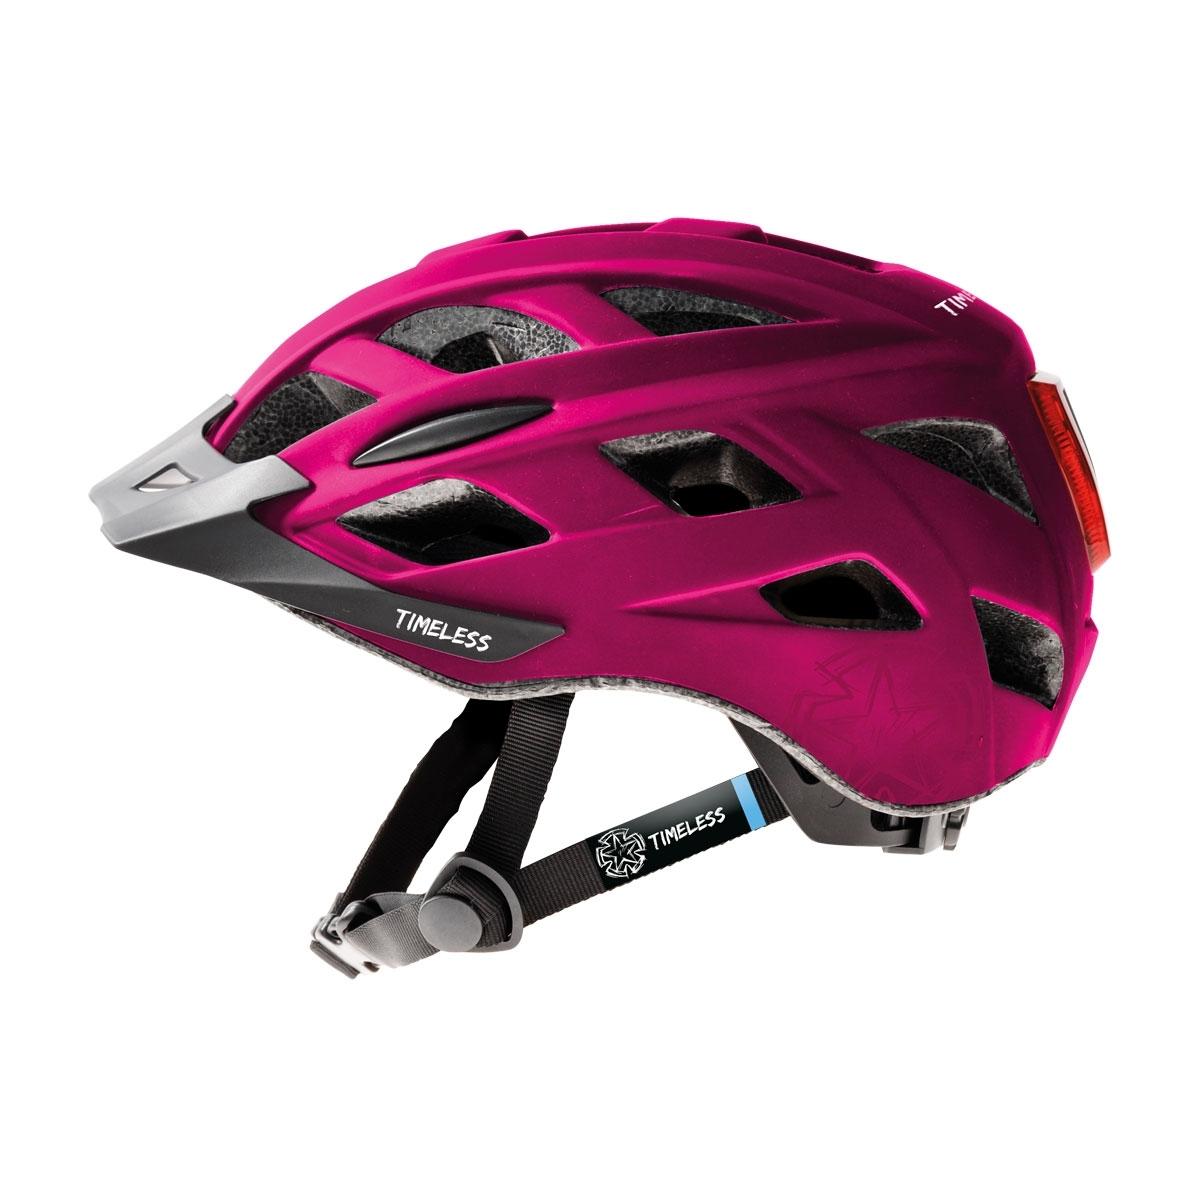 Timeless Fox cykelhjälm för vuxna/juniorer (rosa)